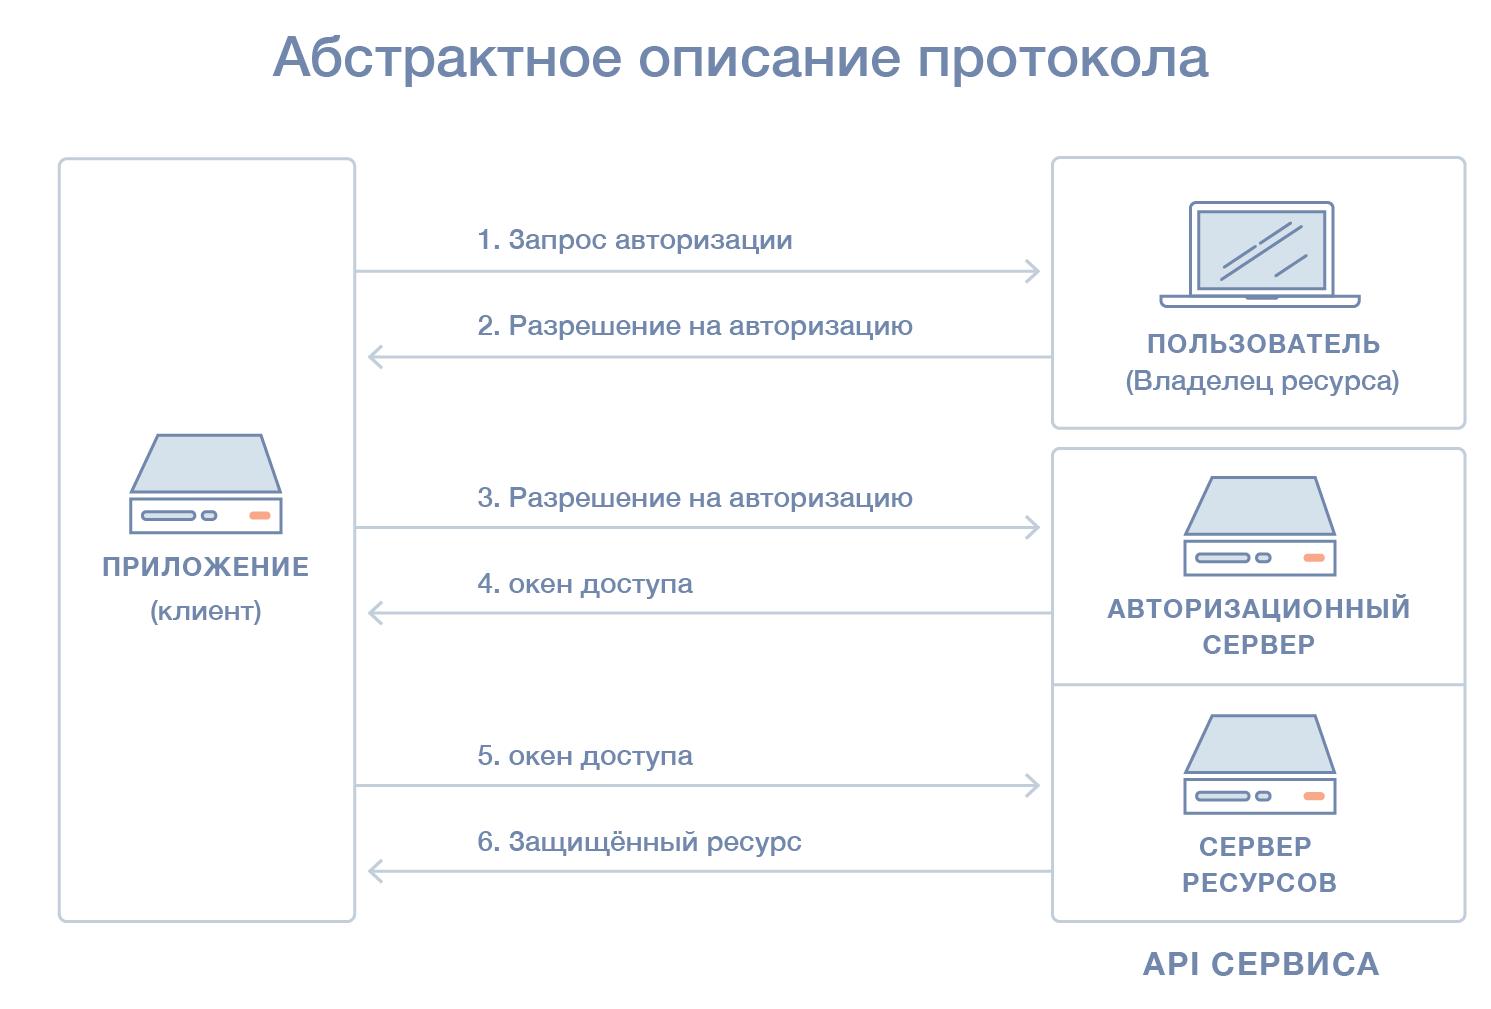 Абстрактное описание протокола